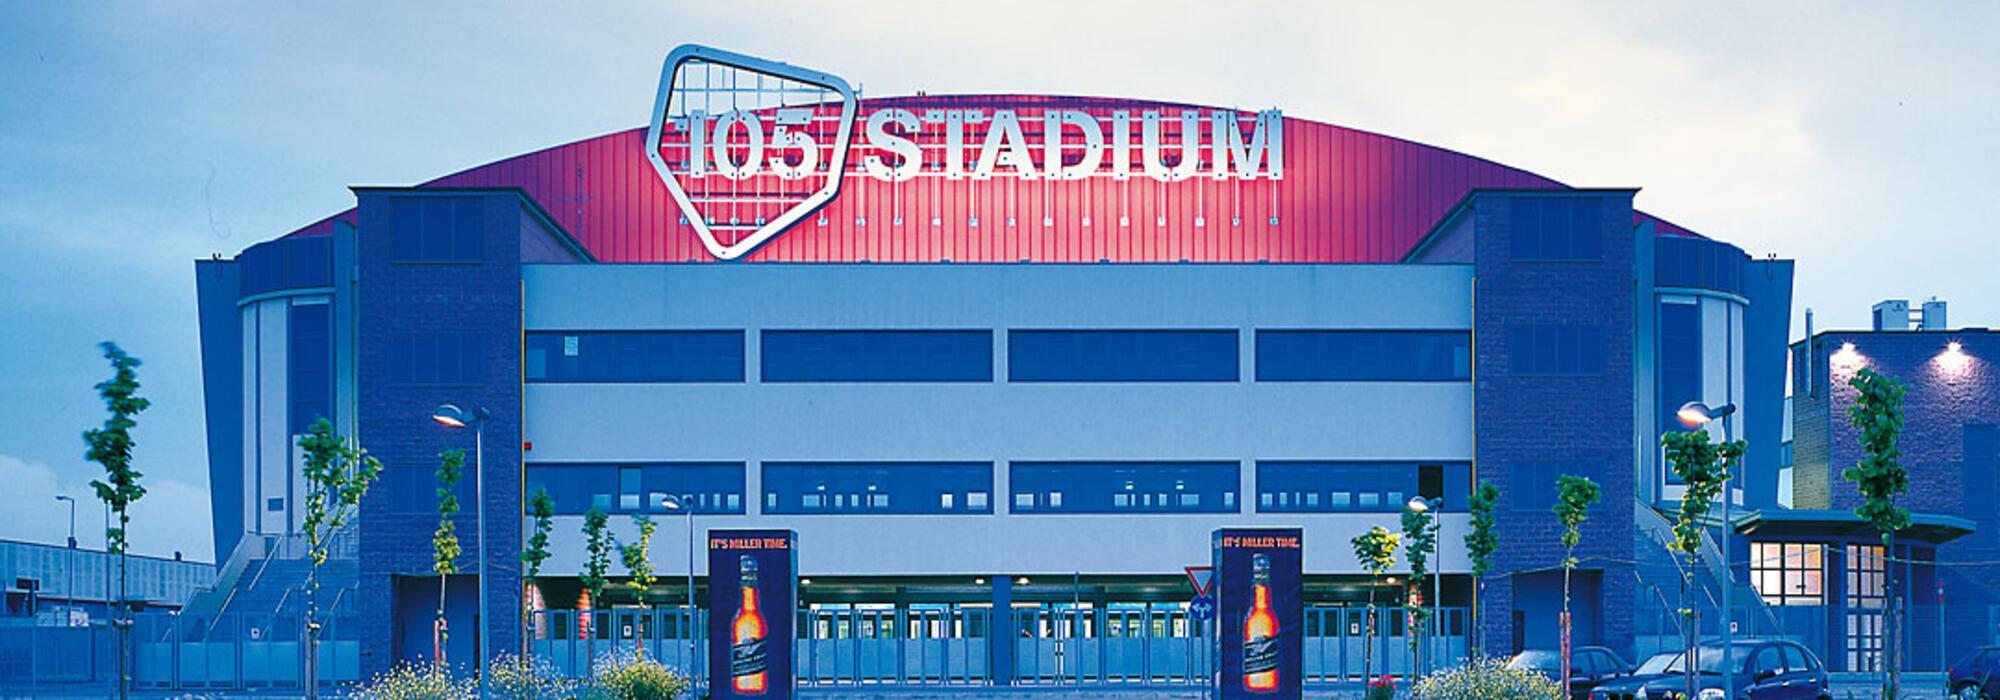 RDS Stadium